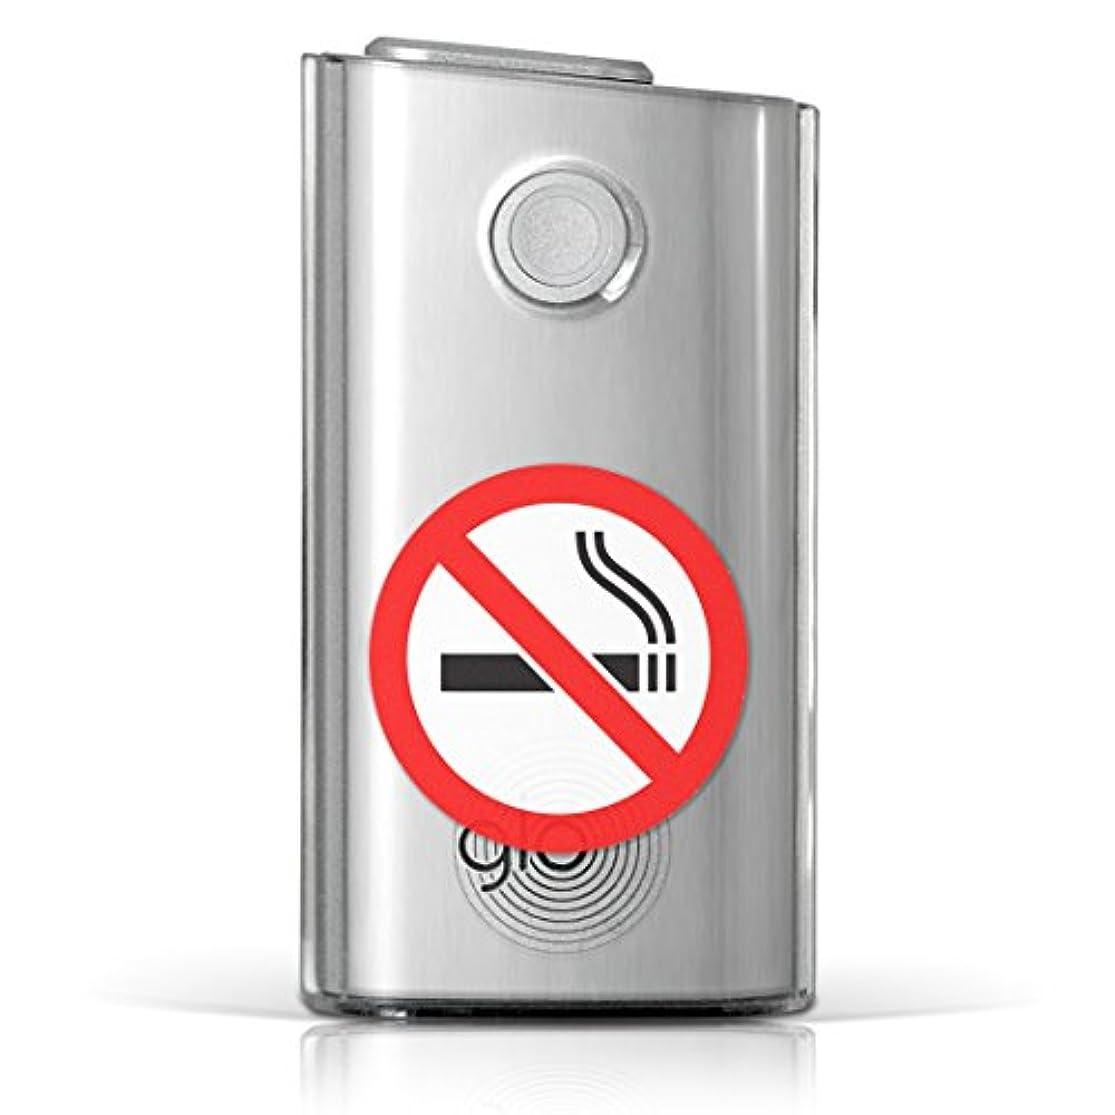 操る敬の念ボンドglo グロー グロウ 専用 クリアケース クリアカバー タバコ ケース カバー 透明 ハードケース カバー 収納 デザイン ポリカーボネートユニーク たばこ 煙 禁煙 000204